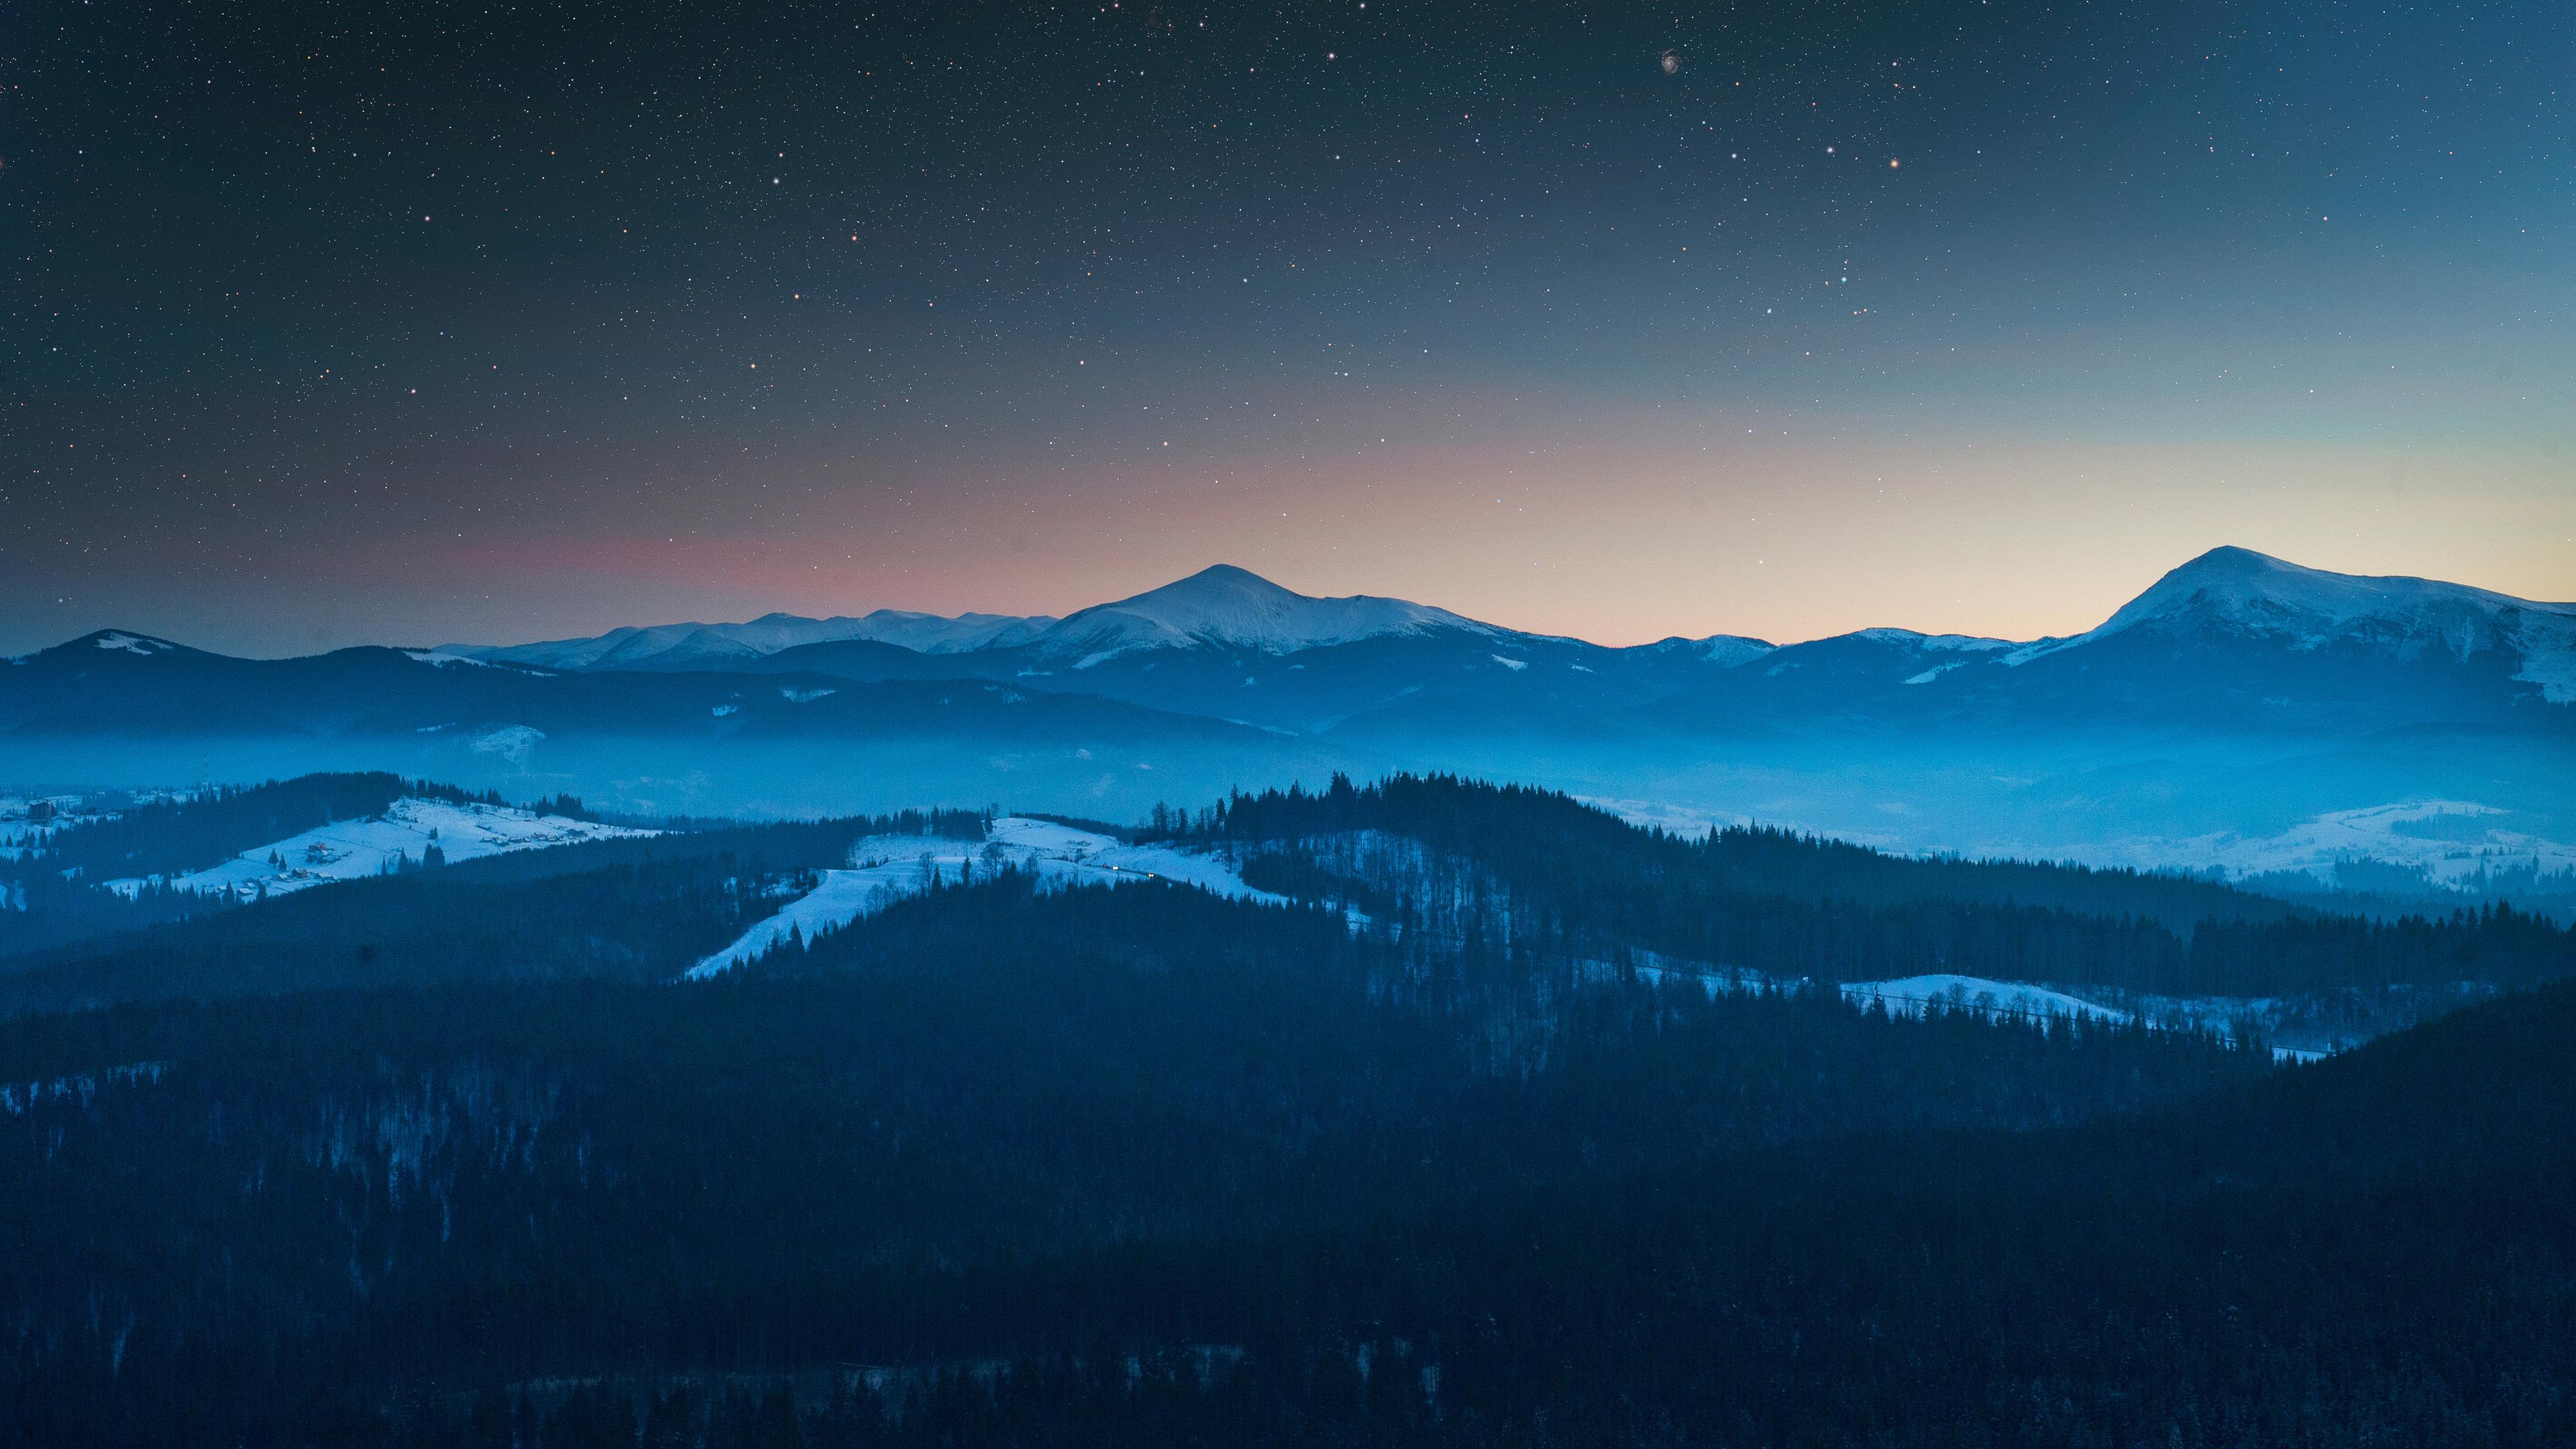 Ảnh background bầu trời đẹp ơi là đẹp